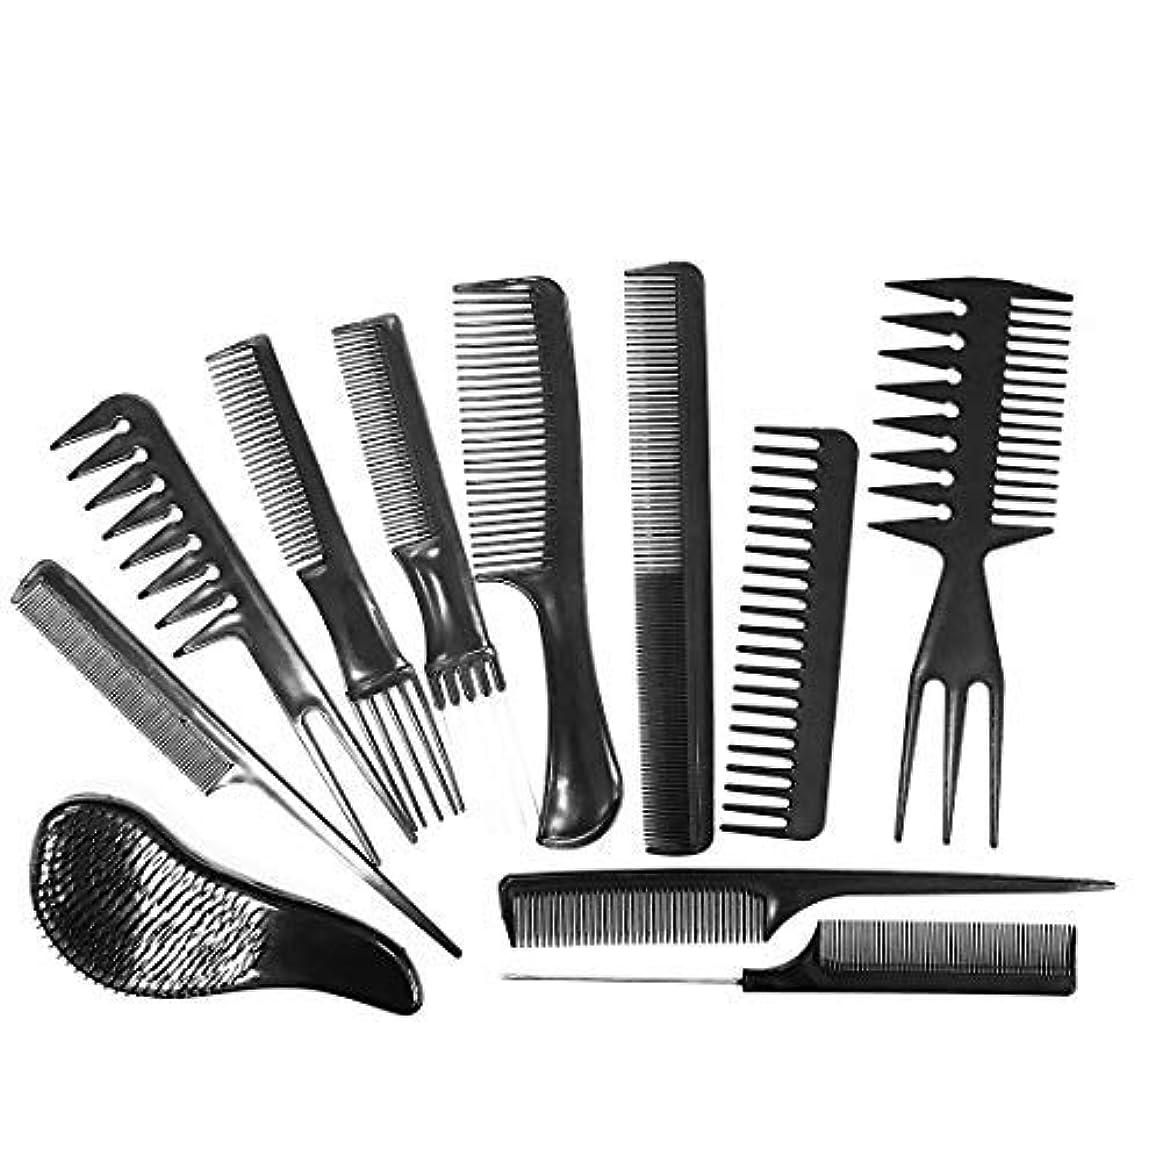 近傍ピース毎回Daimay Professional Hair Styling Comb Set Hair Styling Clips Salon Hair Styling Barbers Comb Set Variety Pack...